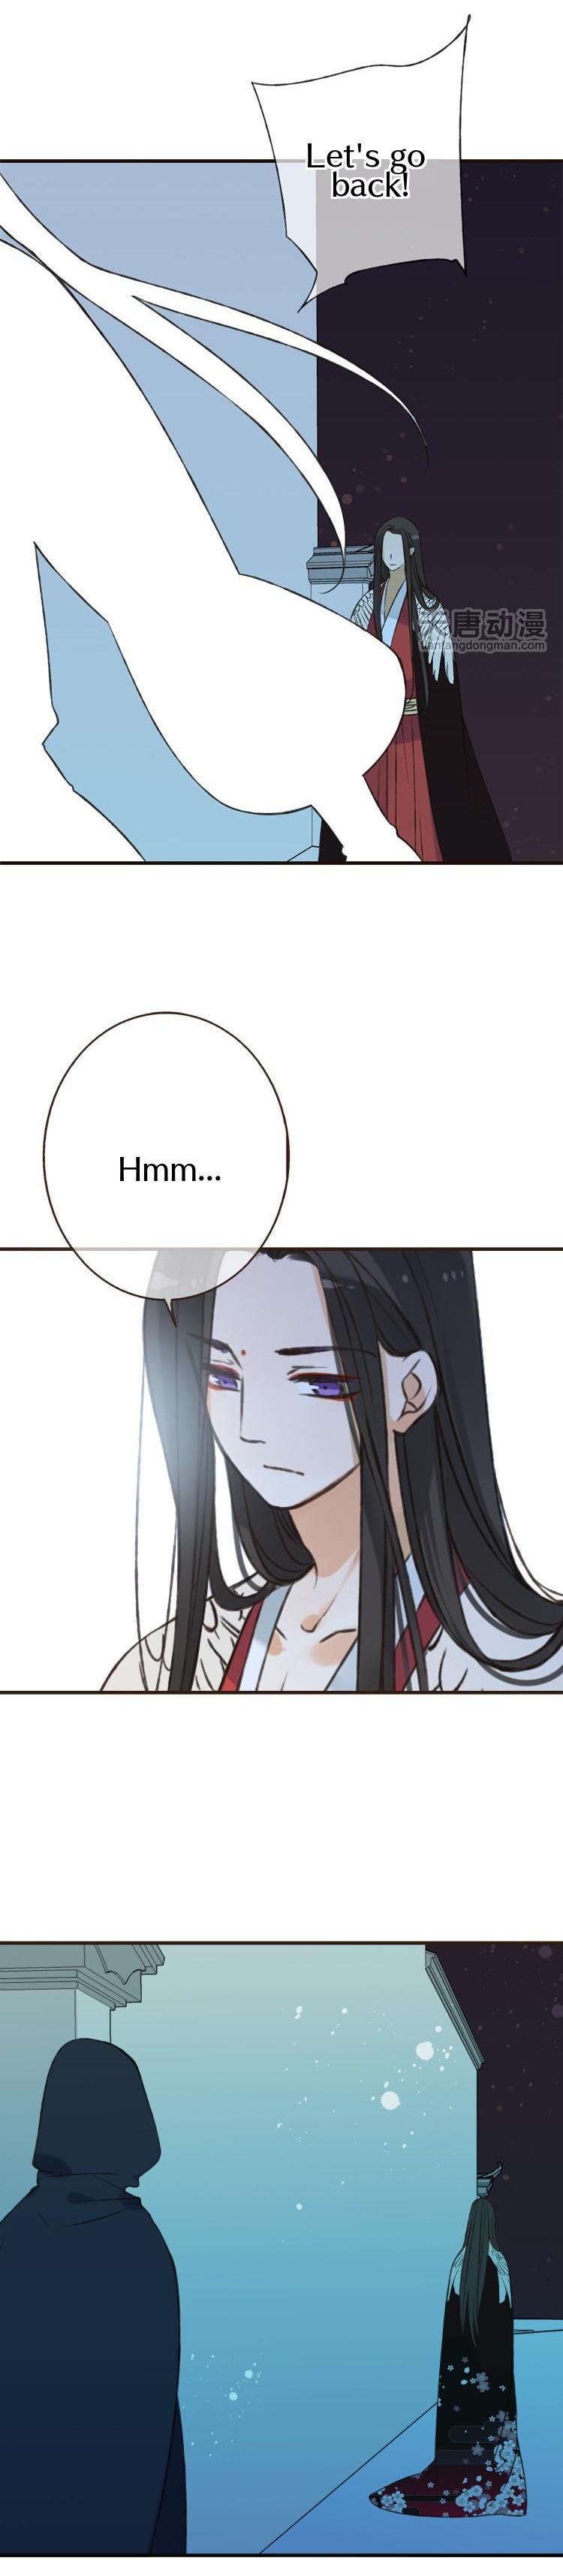 Yaonie jiaozhu kuai tang xia - Chapter 15